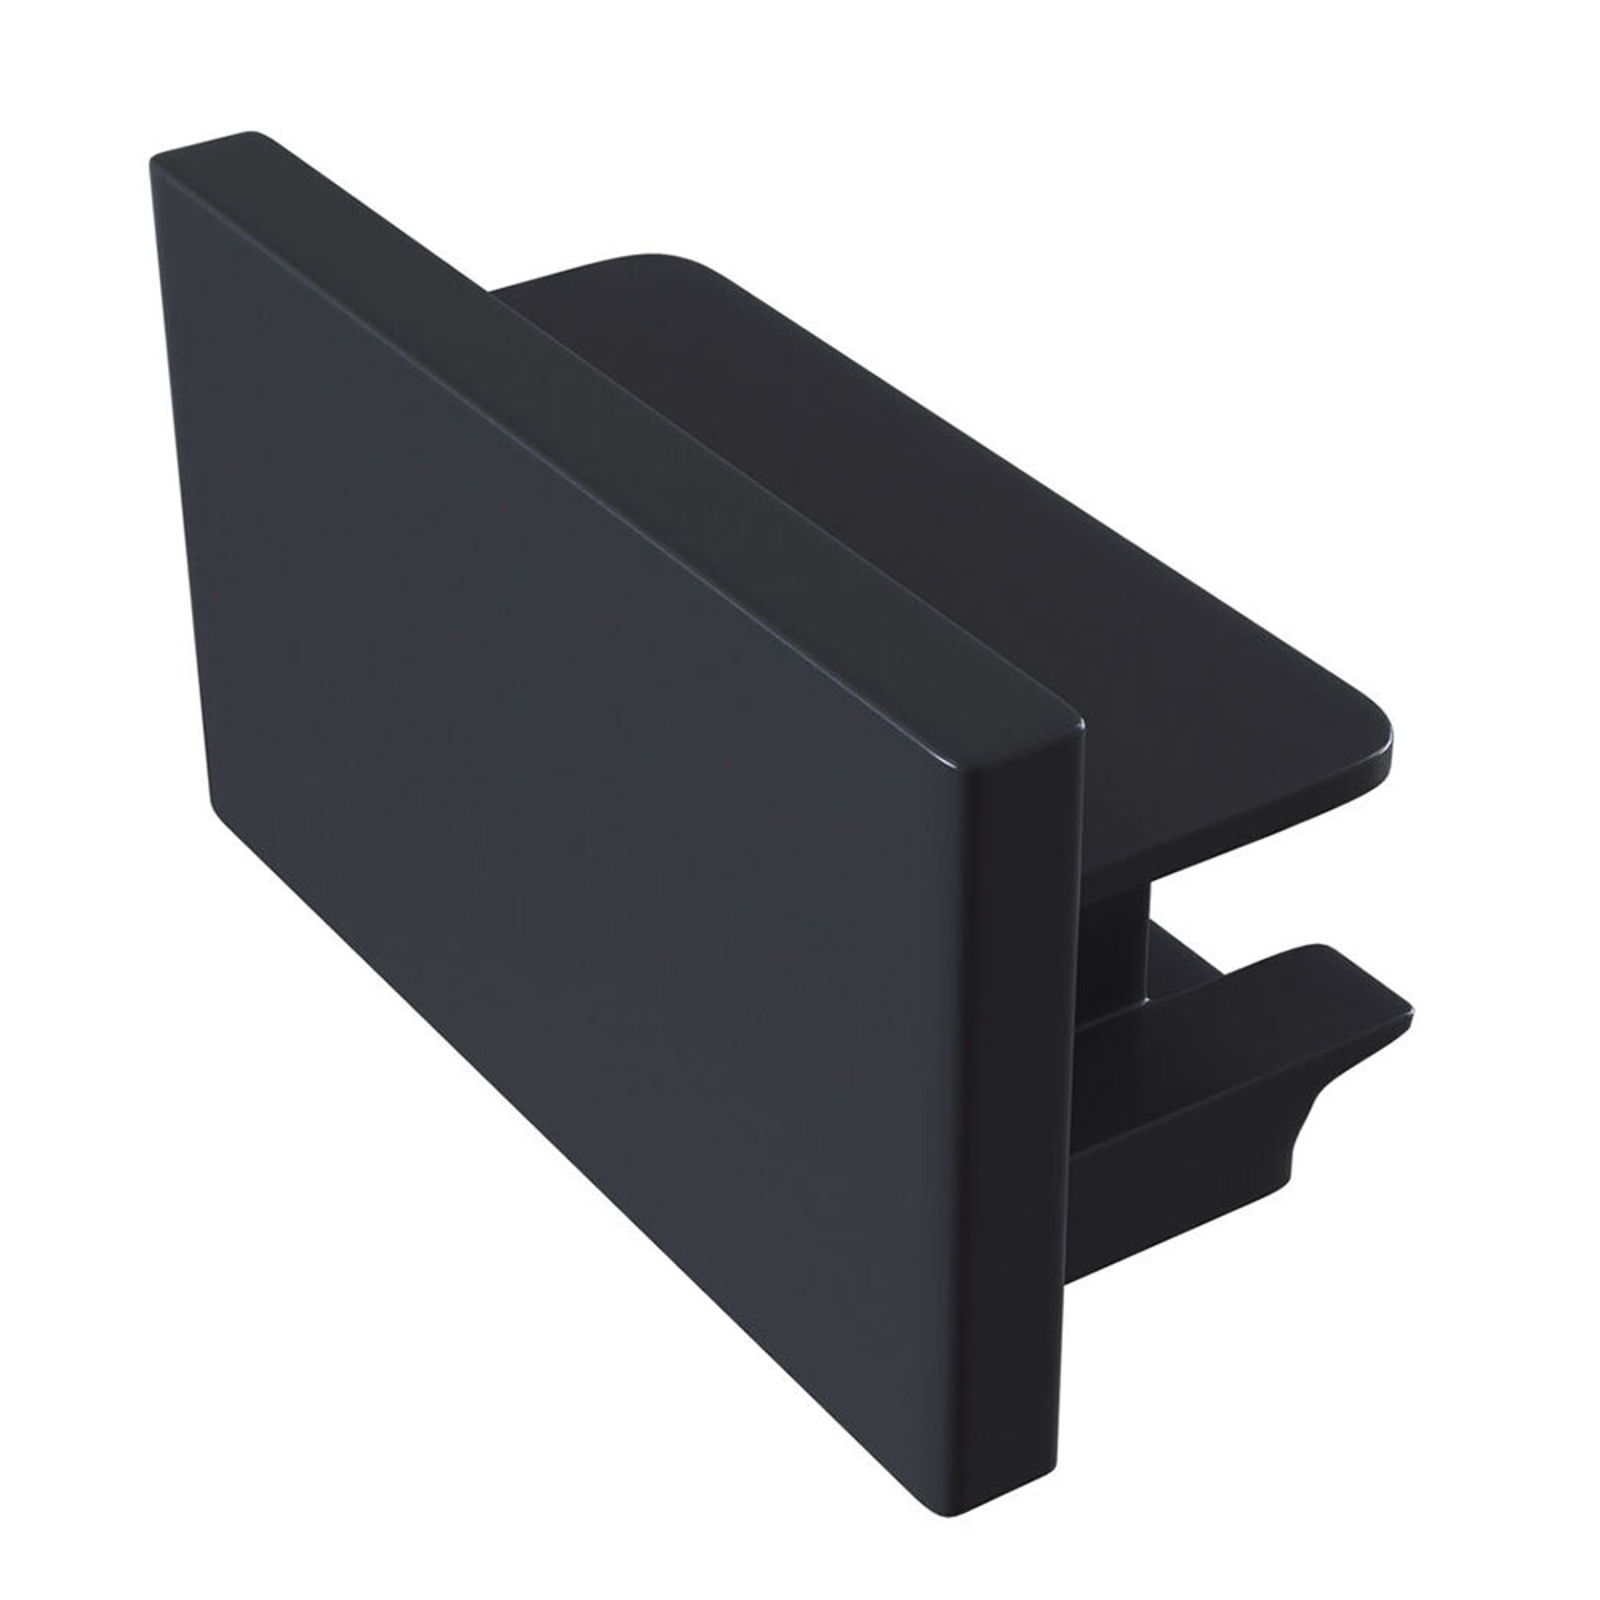 Endkappe Track, 1-Phasen-Schiene, schwarz